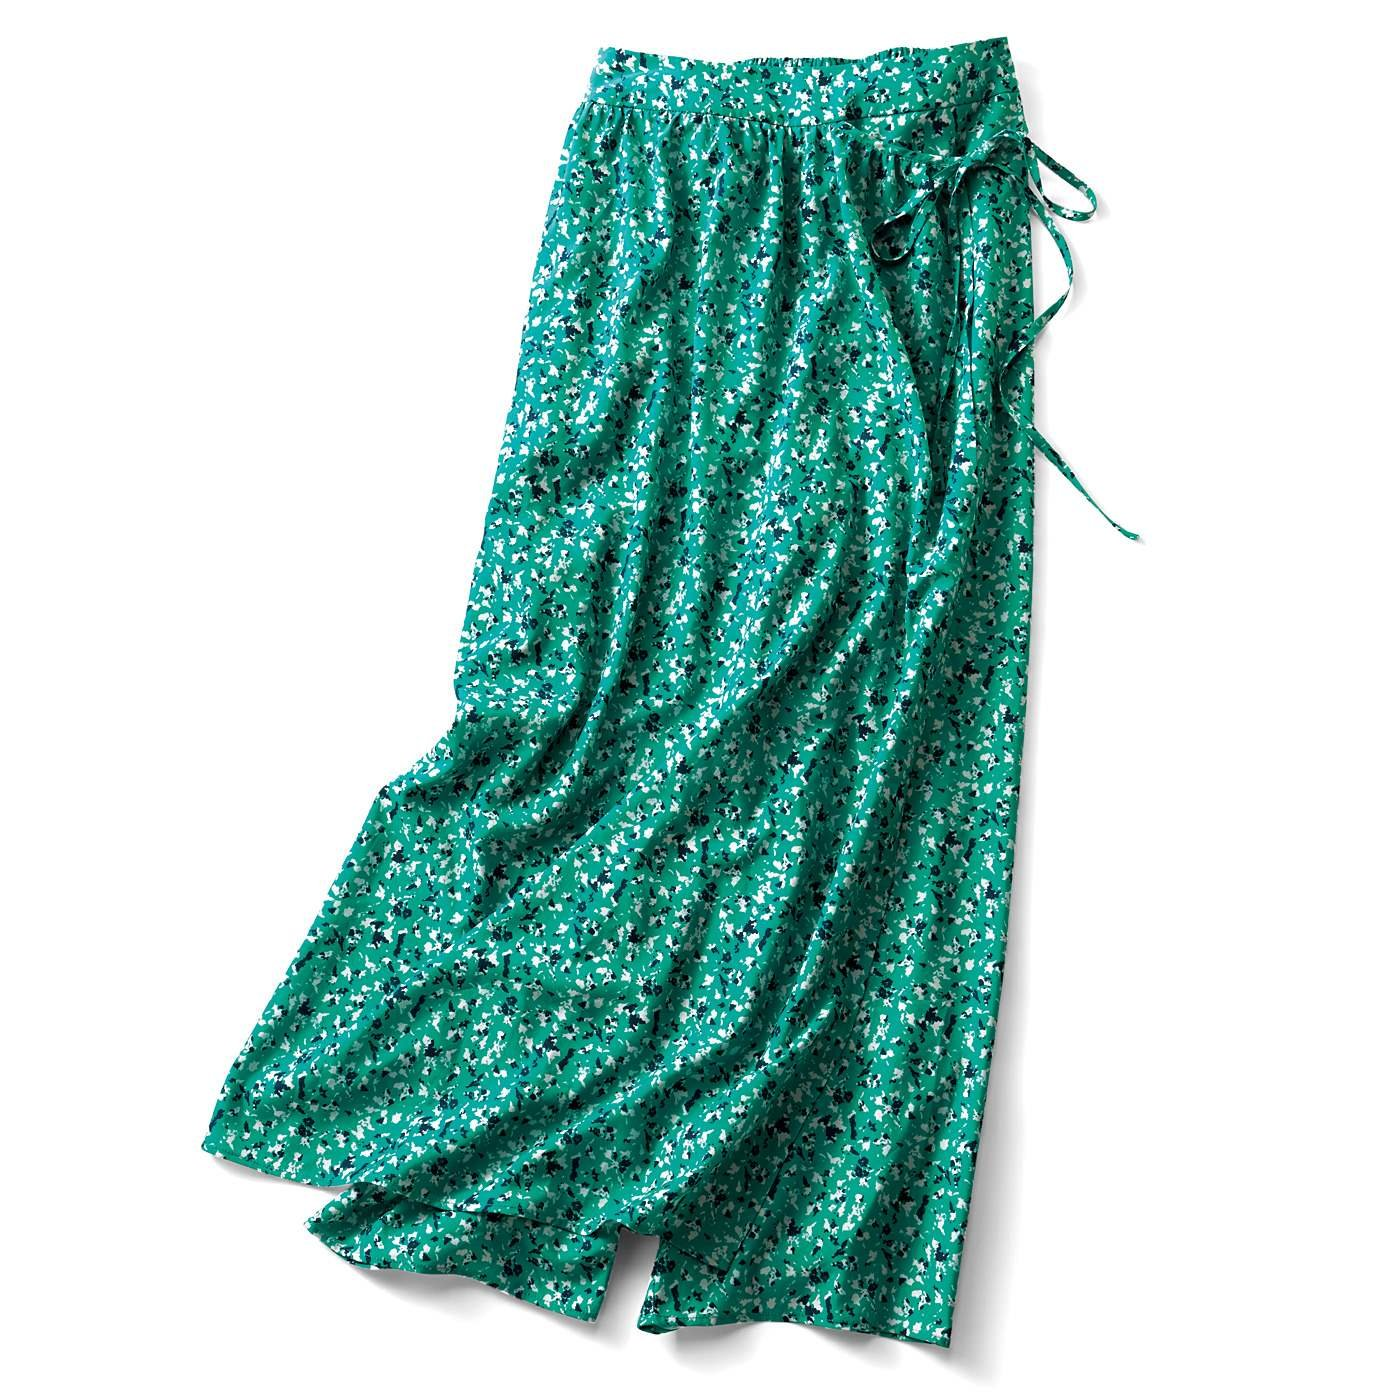 リブ イン コンフォート くぼっち★とコラボ 旬な気分をかなえるオーバースカートがドッキングしたワイドパンツ〈アーモンドグリーン〉